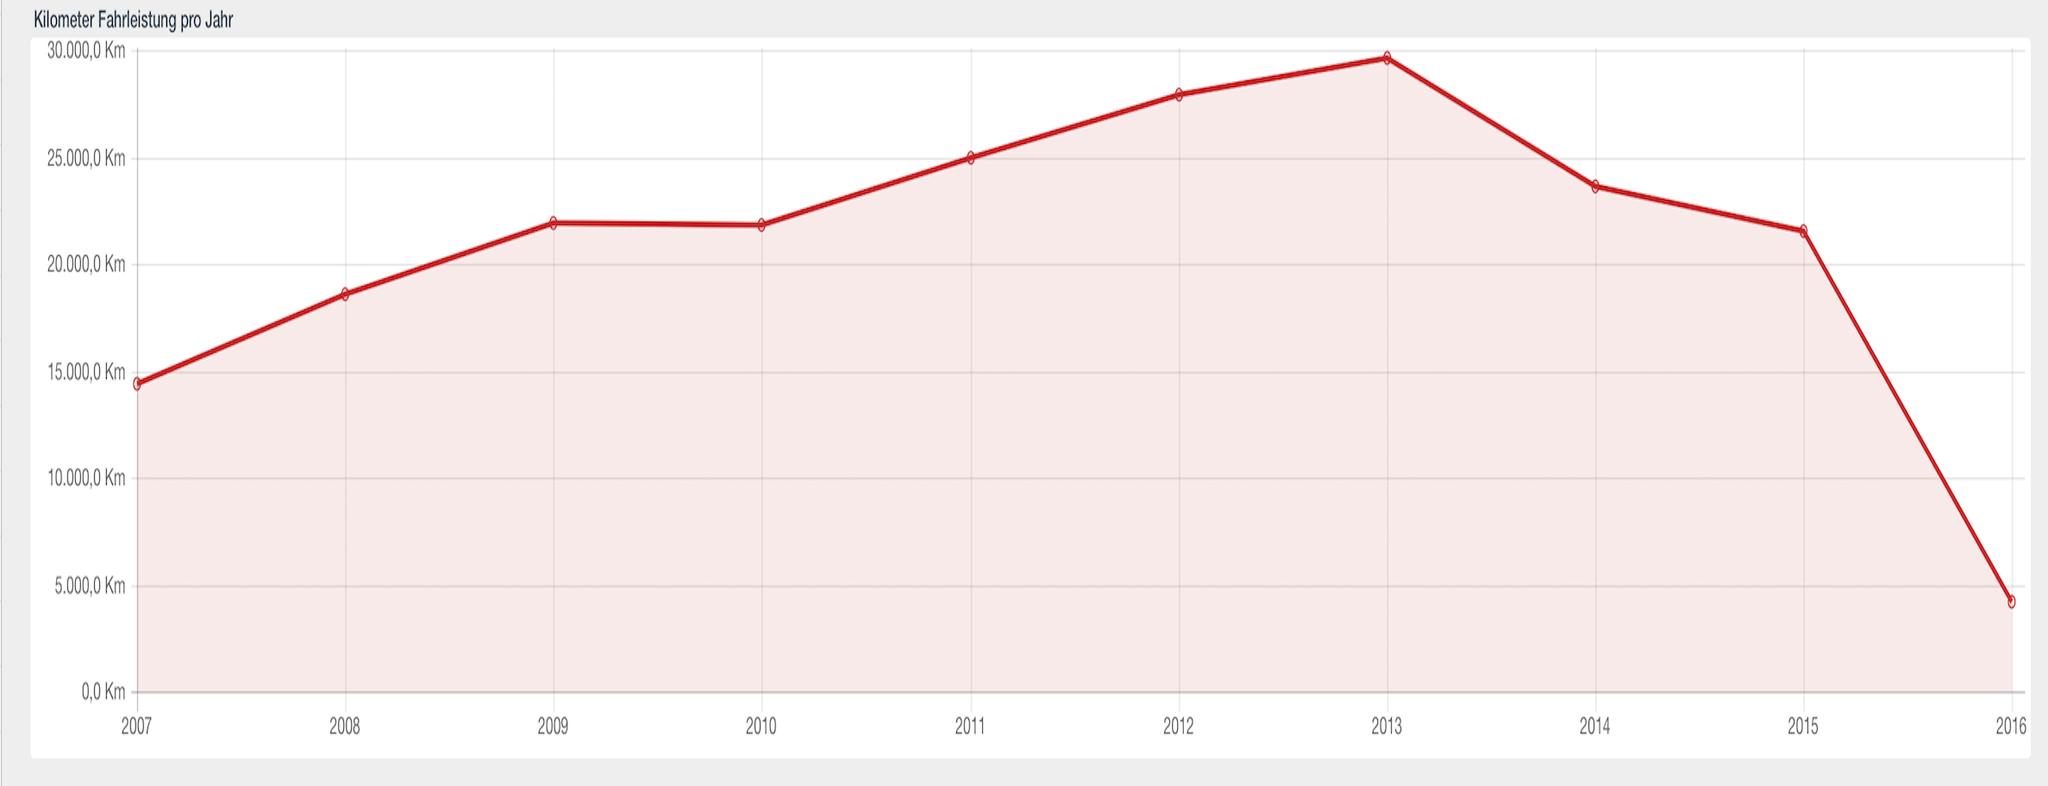 Wie viele Kilometer Fahrleistung pro Jahr im Verlauf?